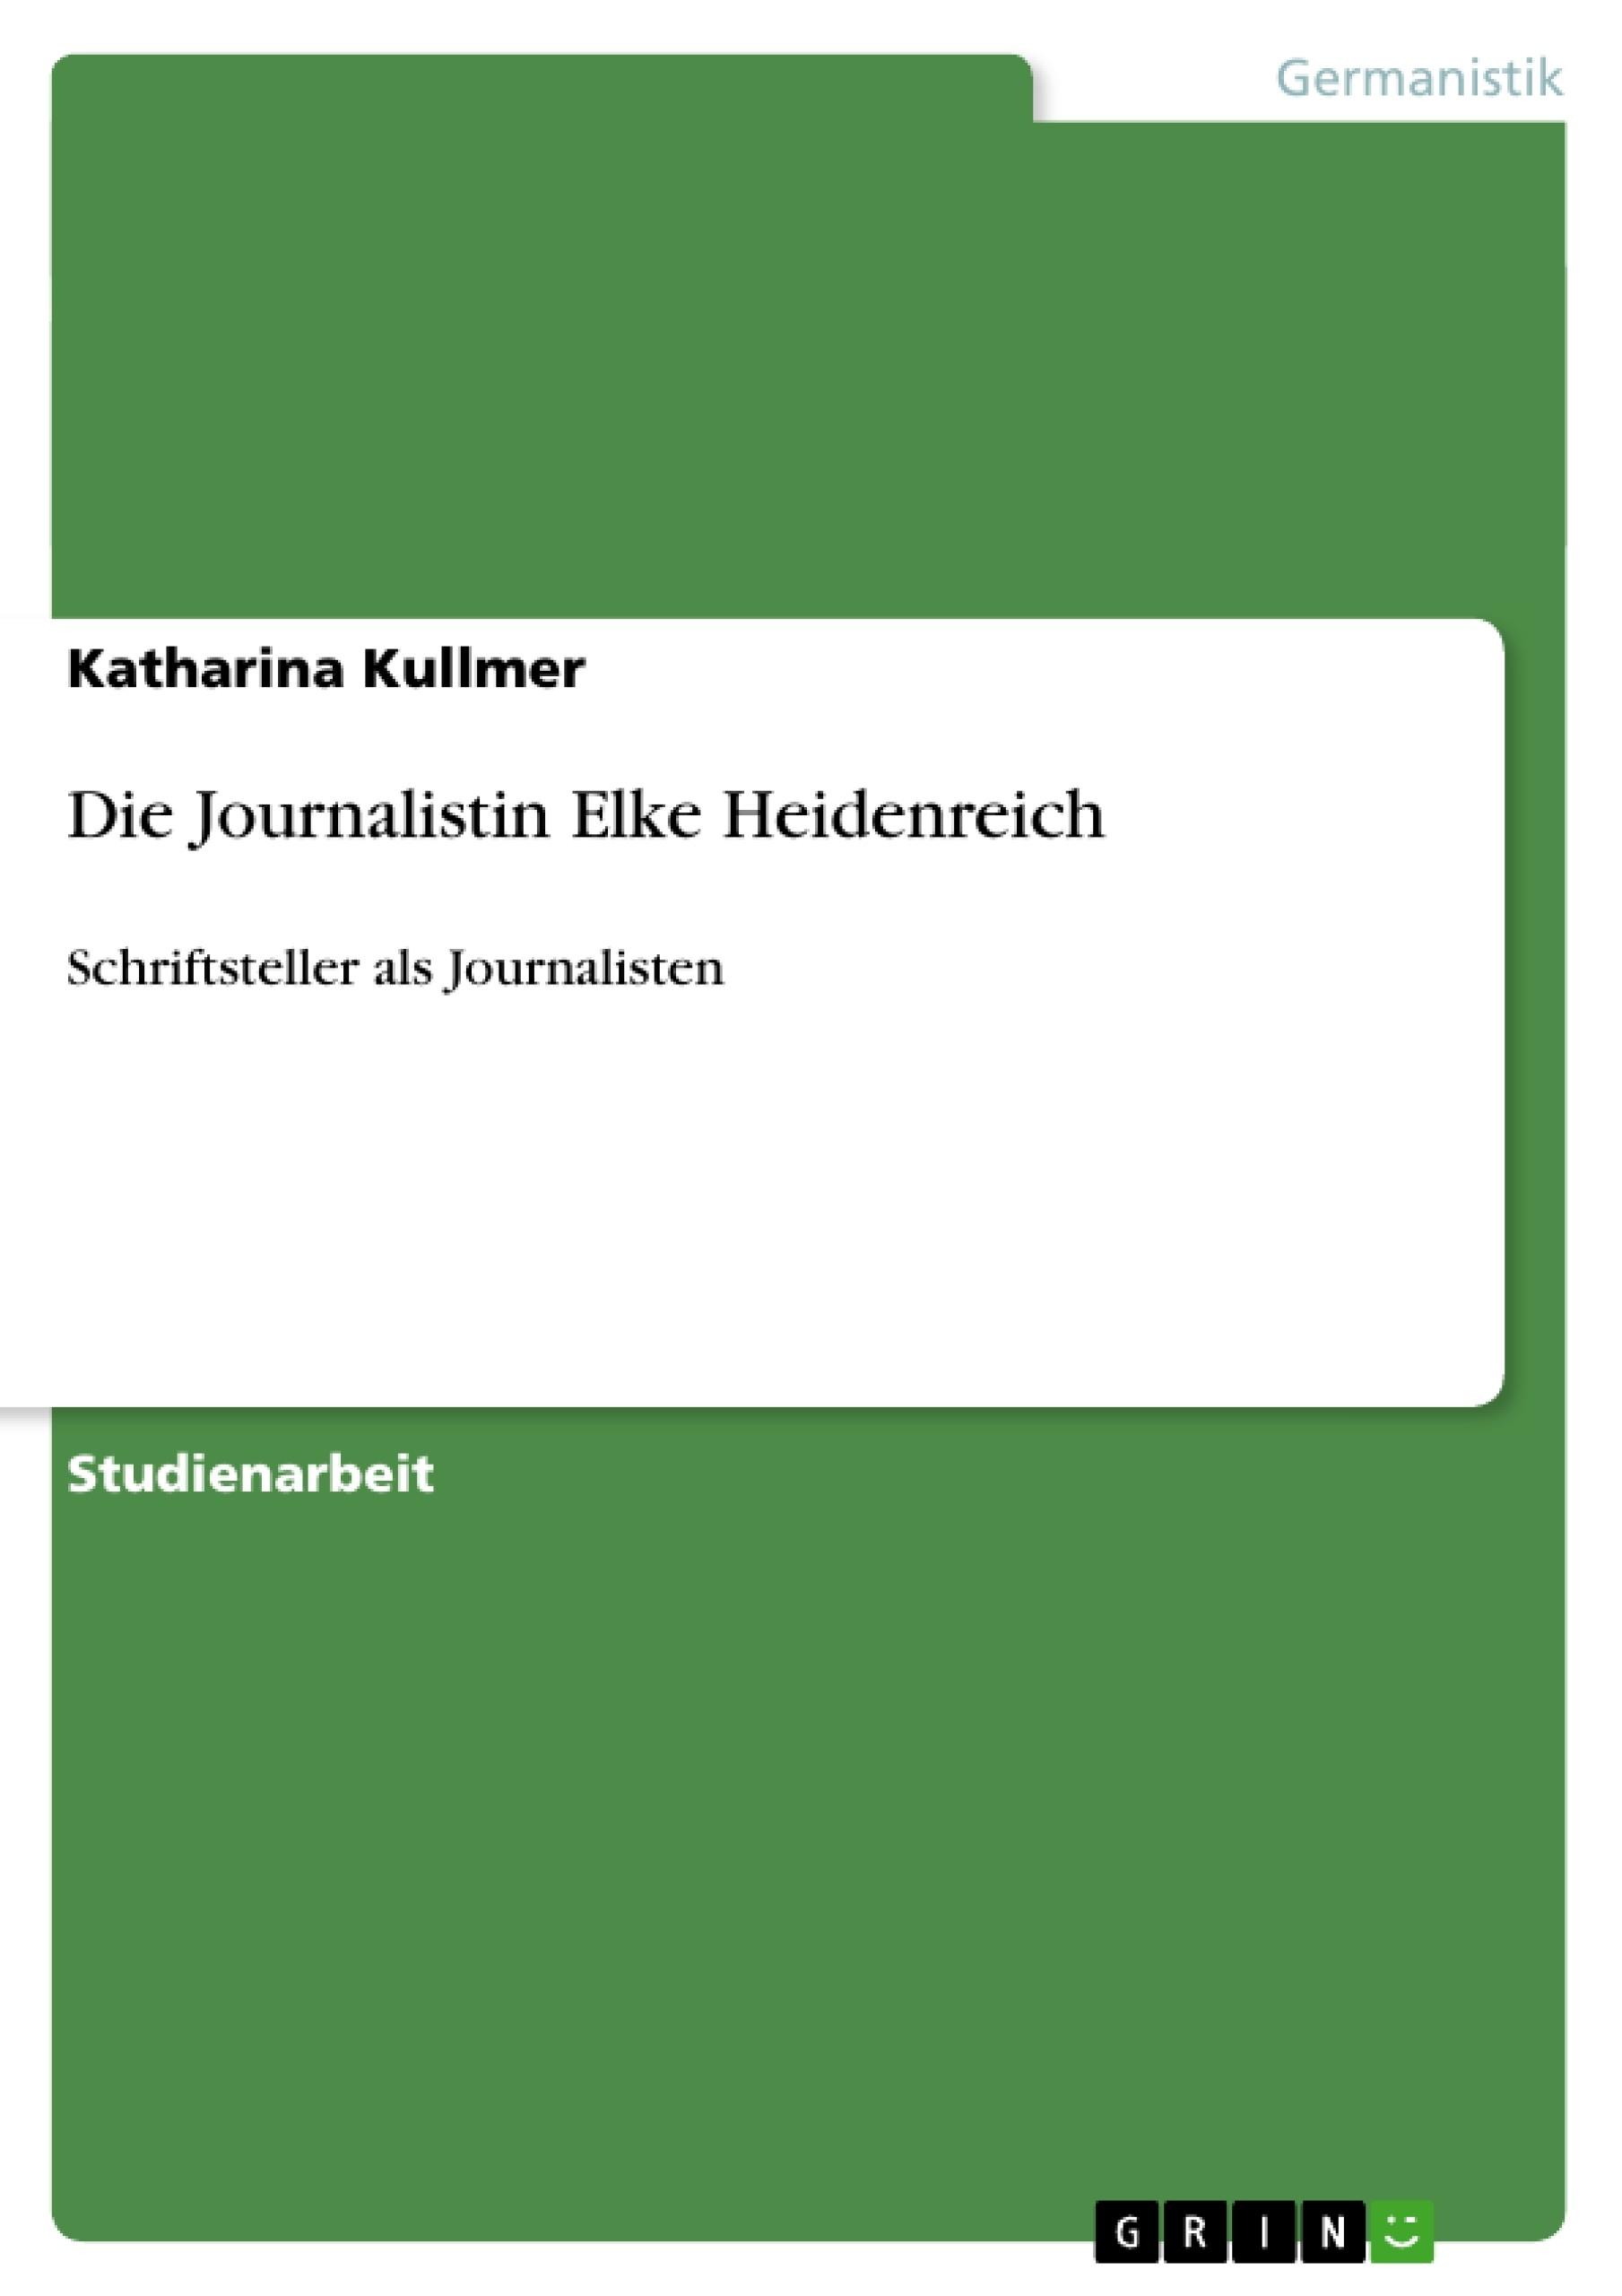 Titel: Die Journalistin Elke Heidenreich